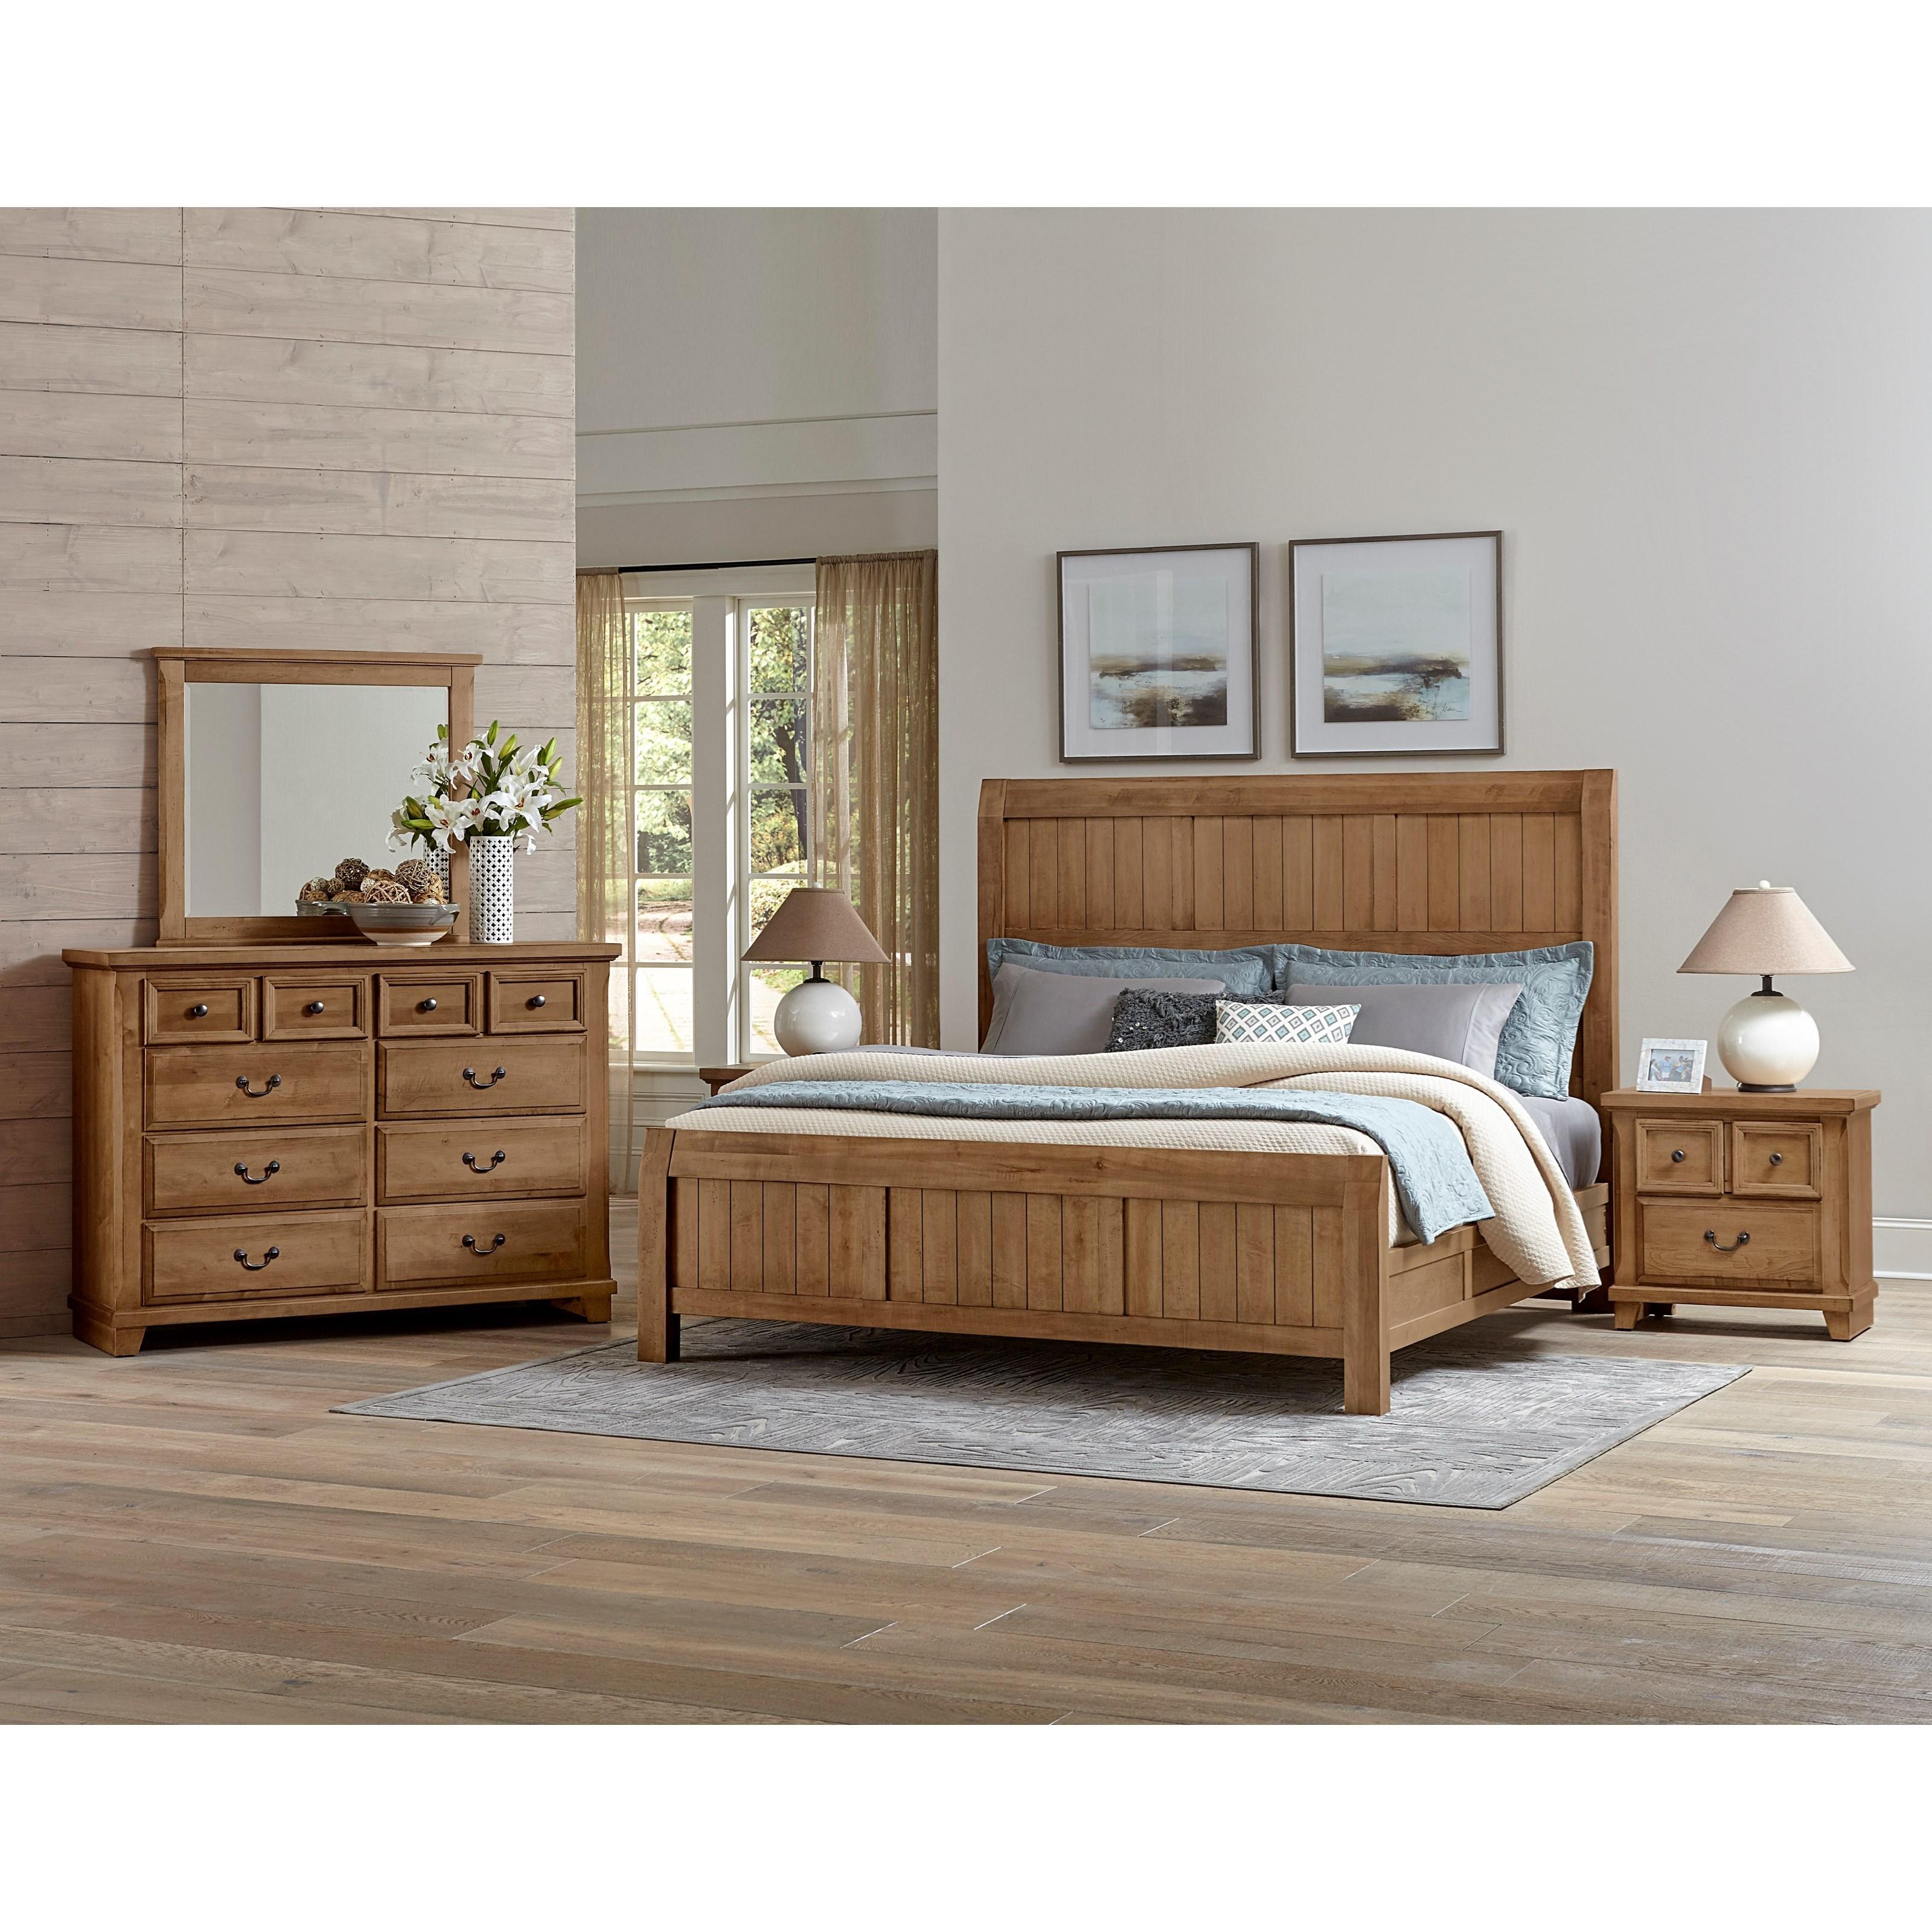 vaughan bassett timber creek queen bedroom group belfort furniture bedroom groups. Black Bedroom Furniture Sets. Home Design Ideas